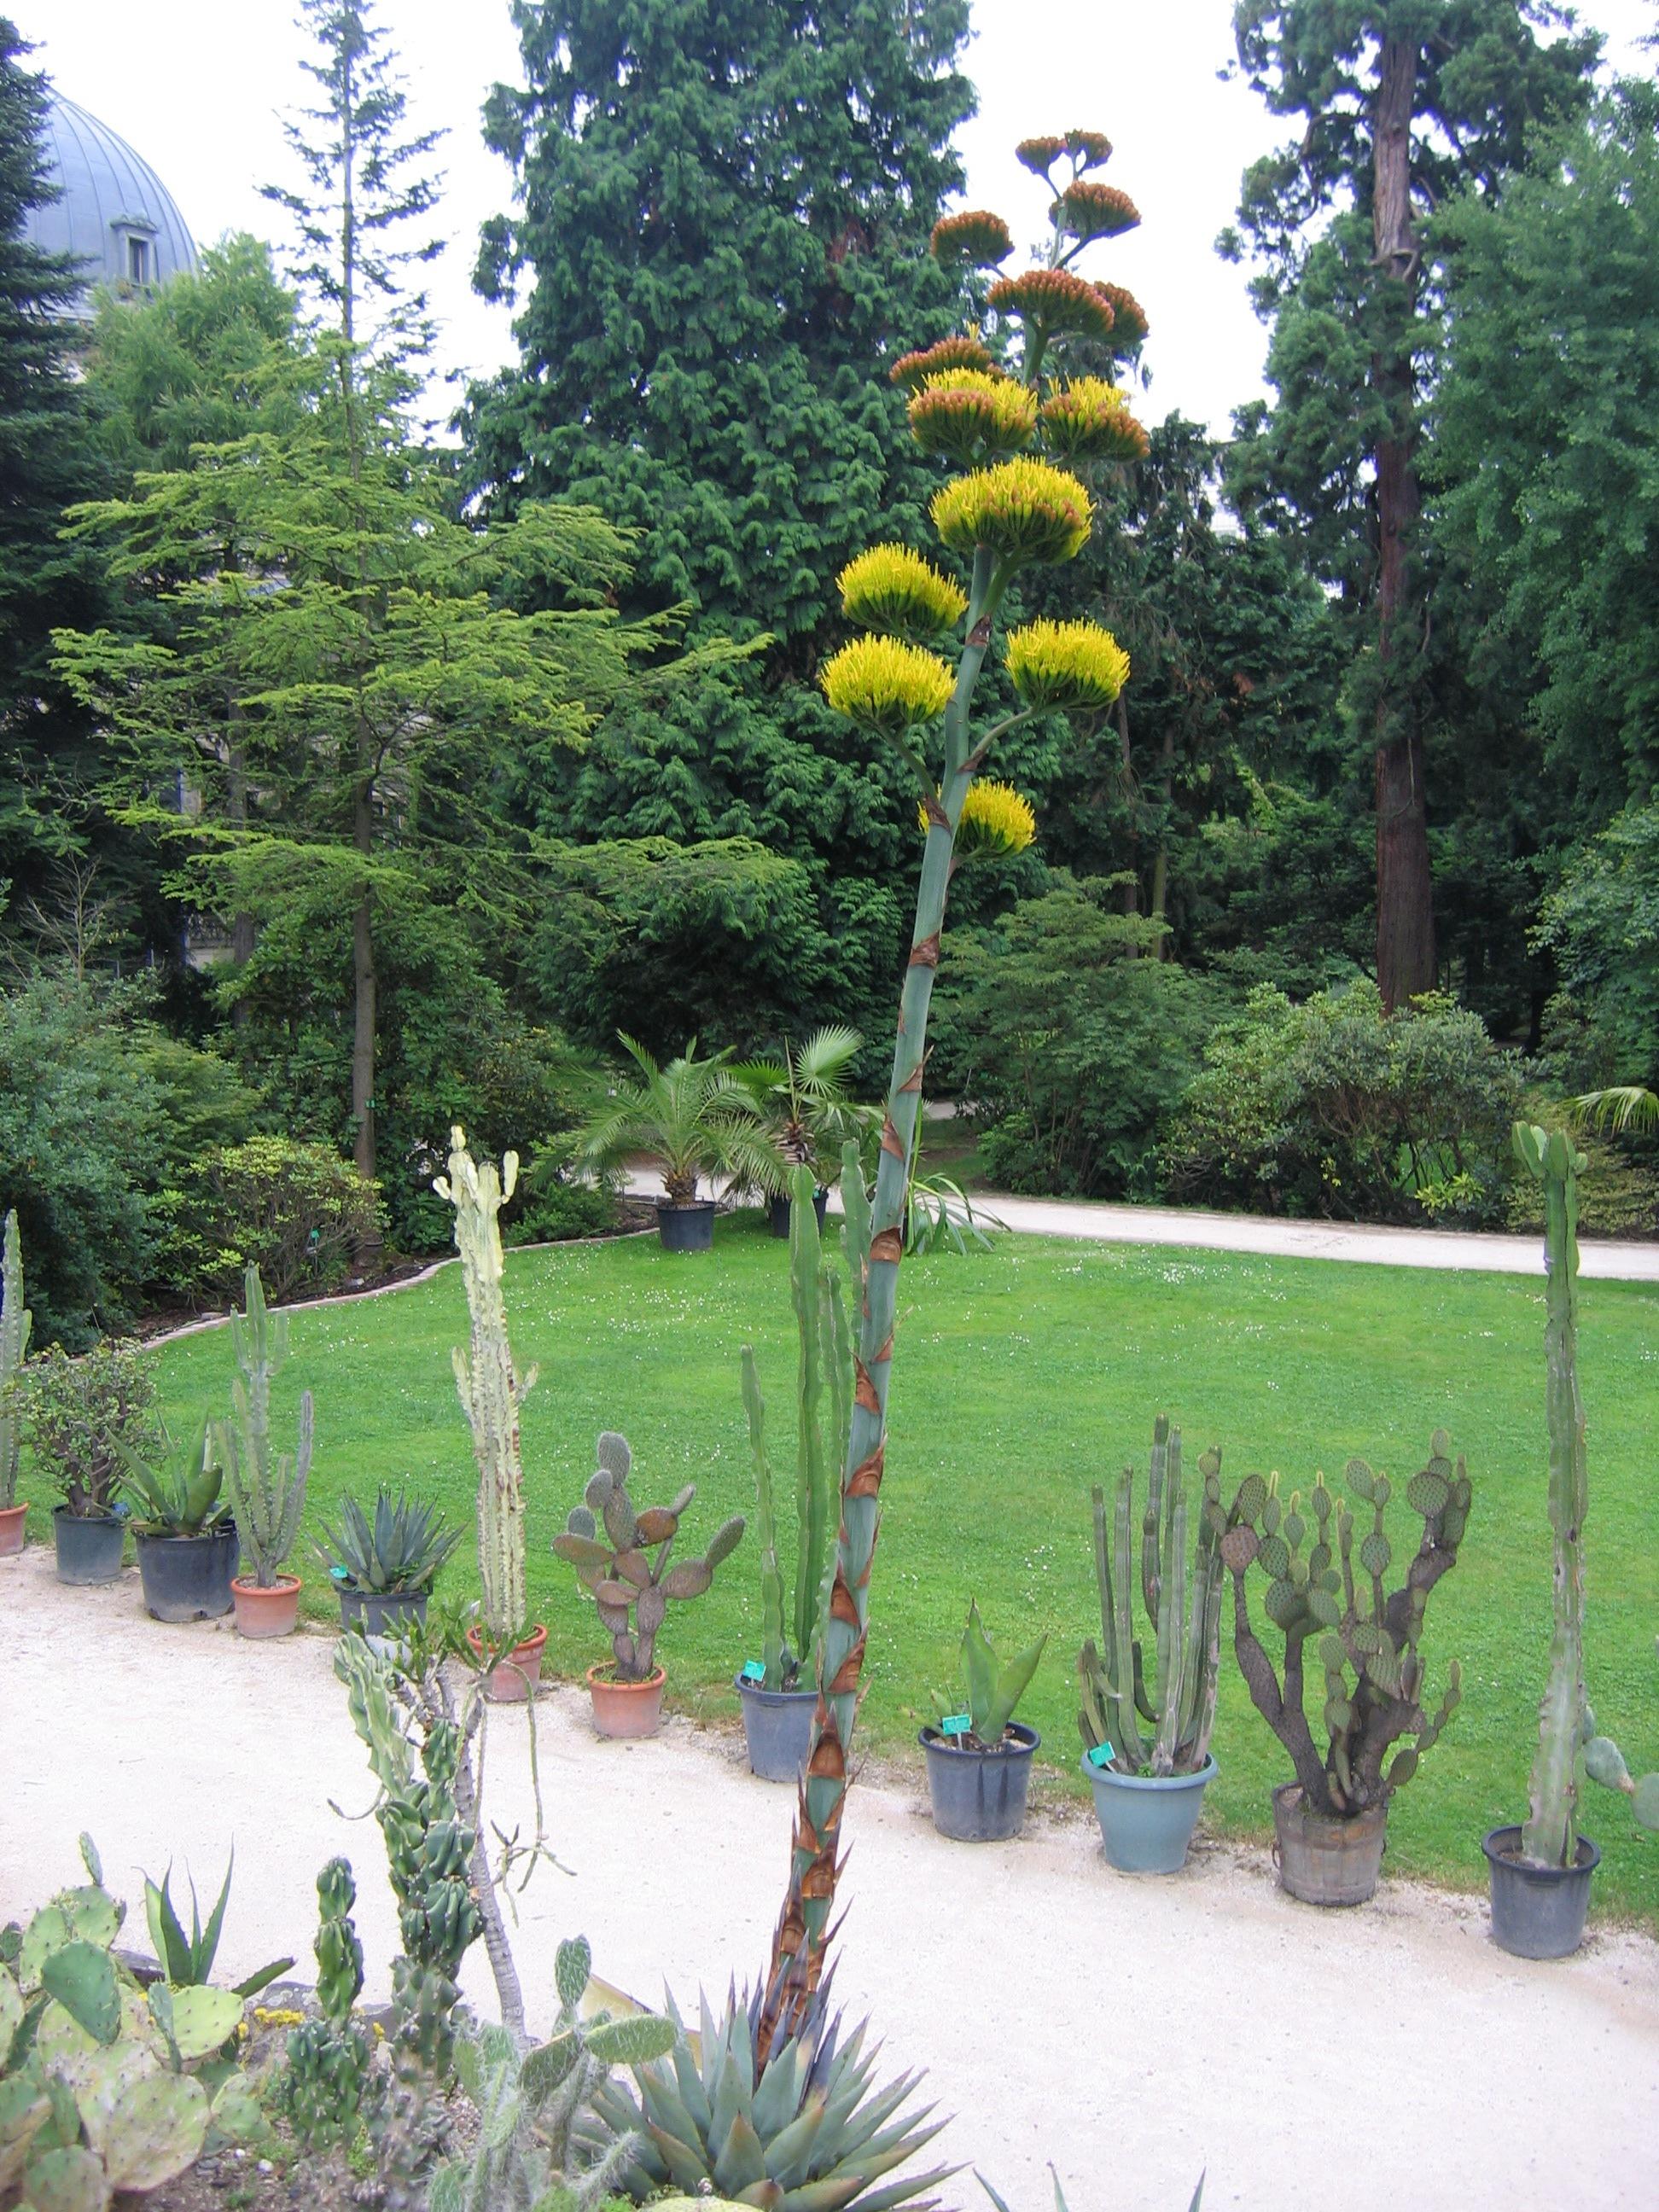 L 39 actu num ro 11 edition du 03 07 2009 culture art - Jardin botanique de l universite de strasbourg ...